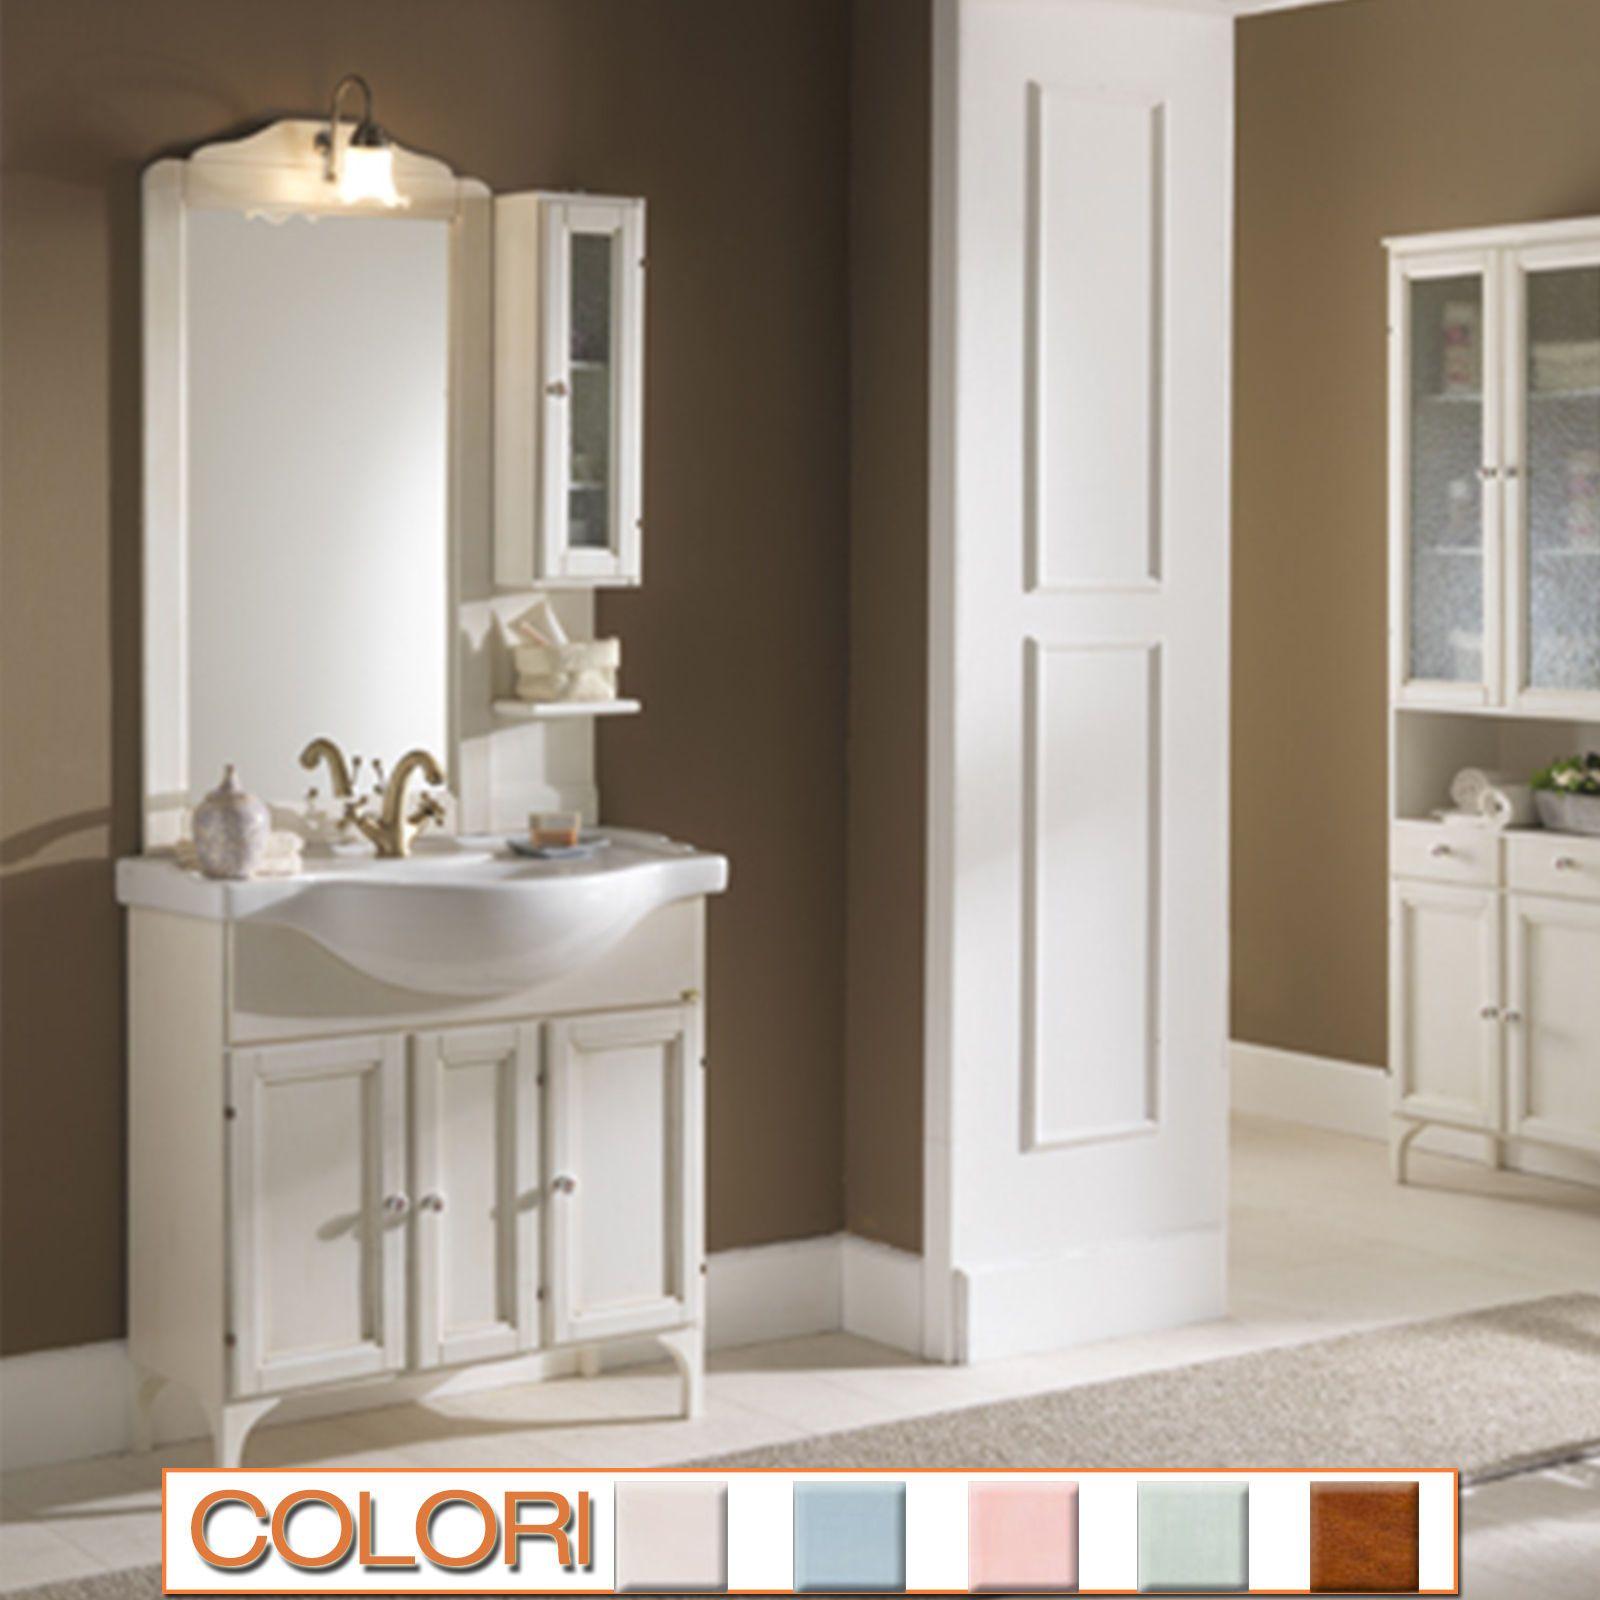 Mobile bagno classico bianco cm 85 con lavabo retr pensile laterale specchio ebay idee - Mobile bagno usato ebay ...